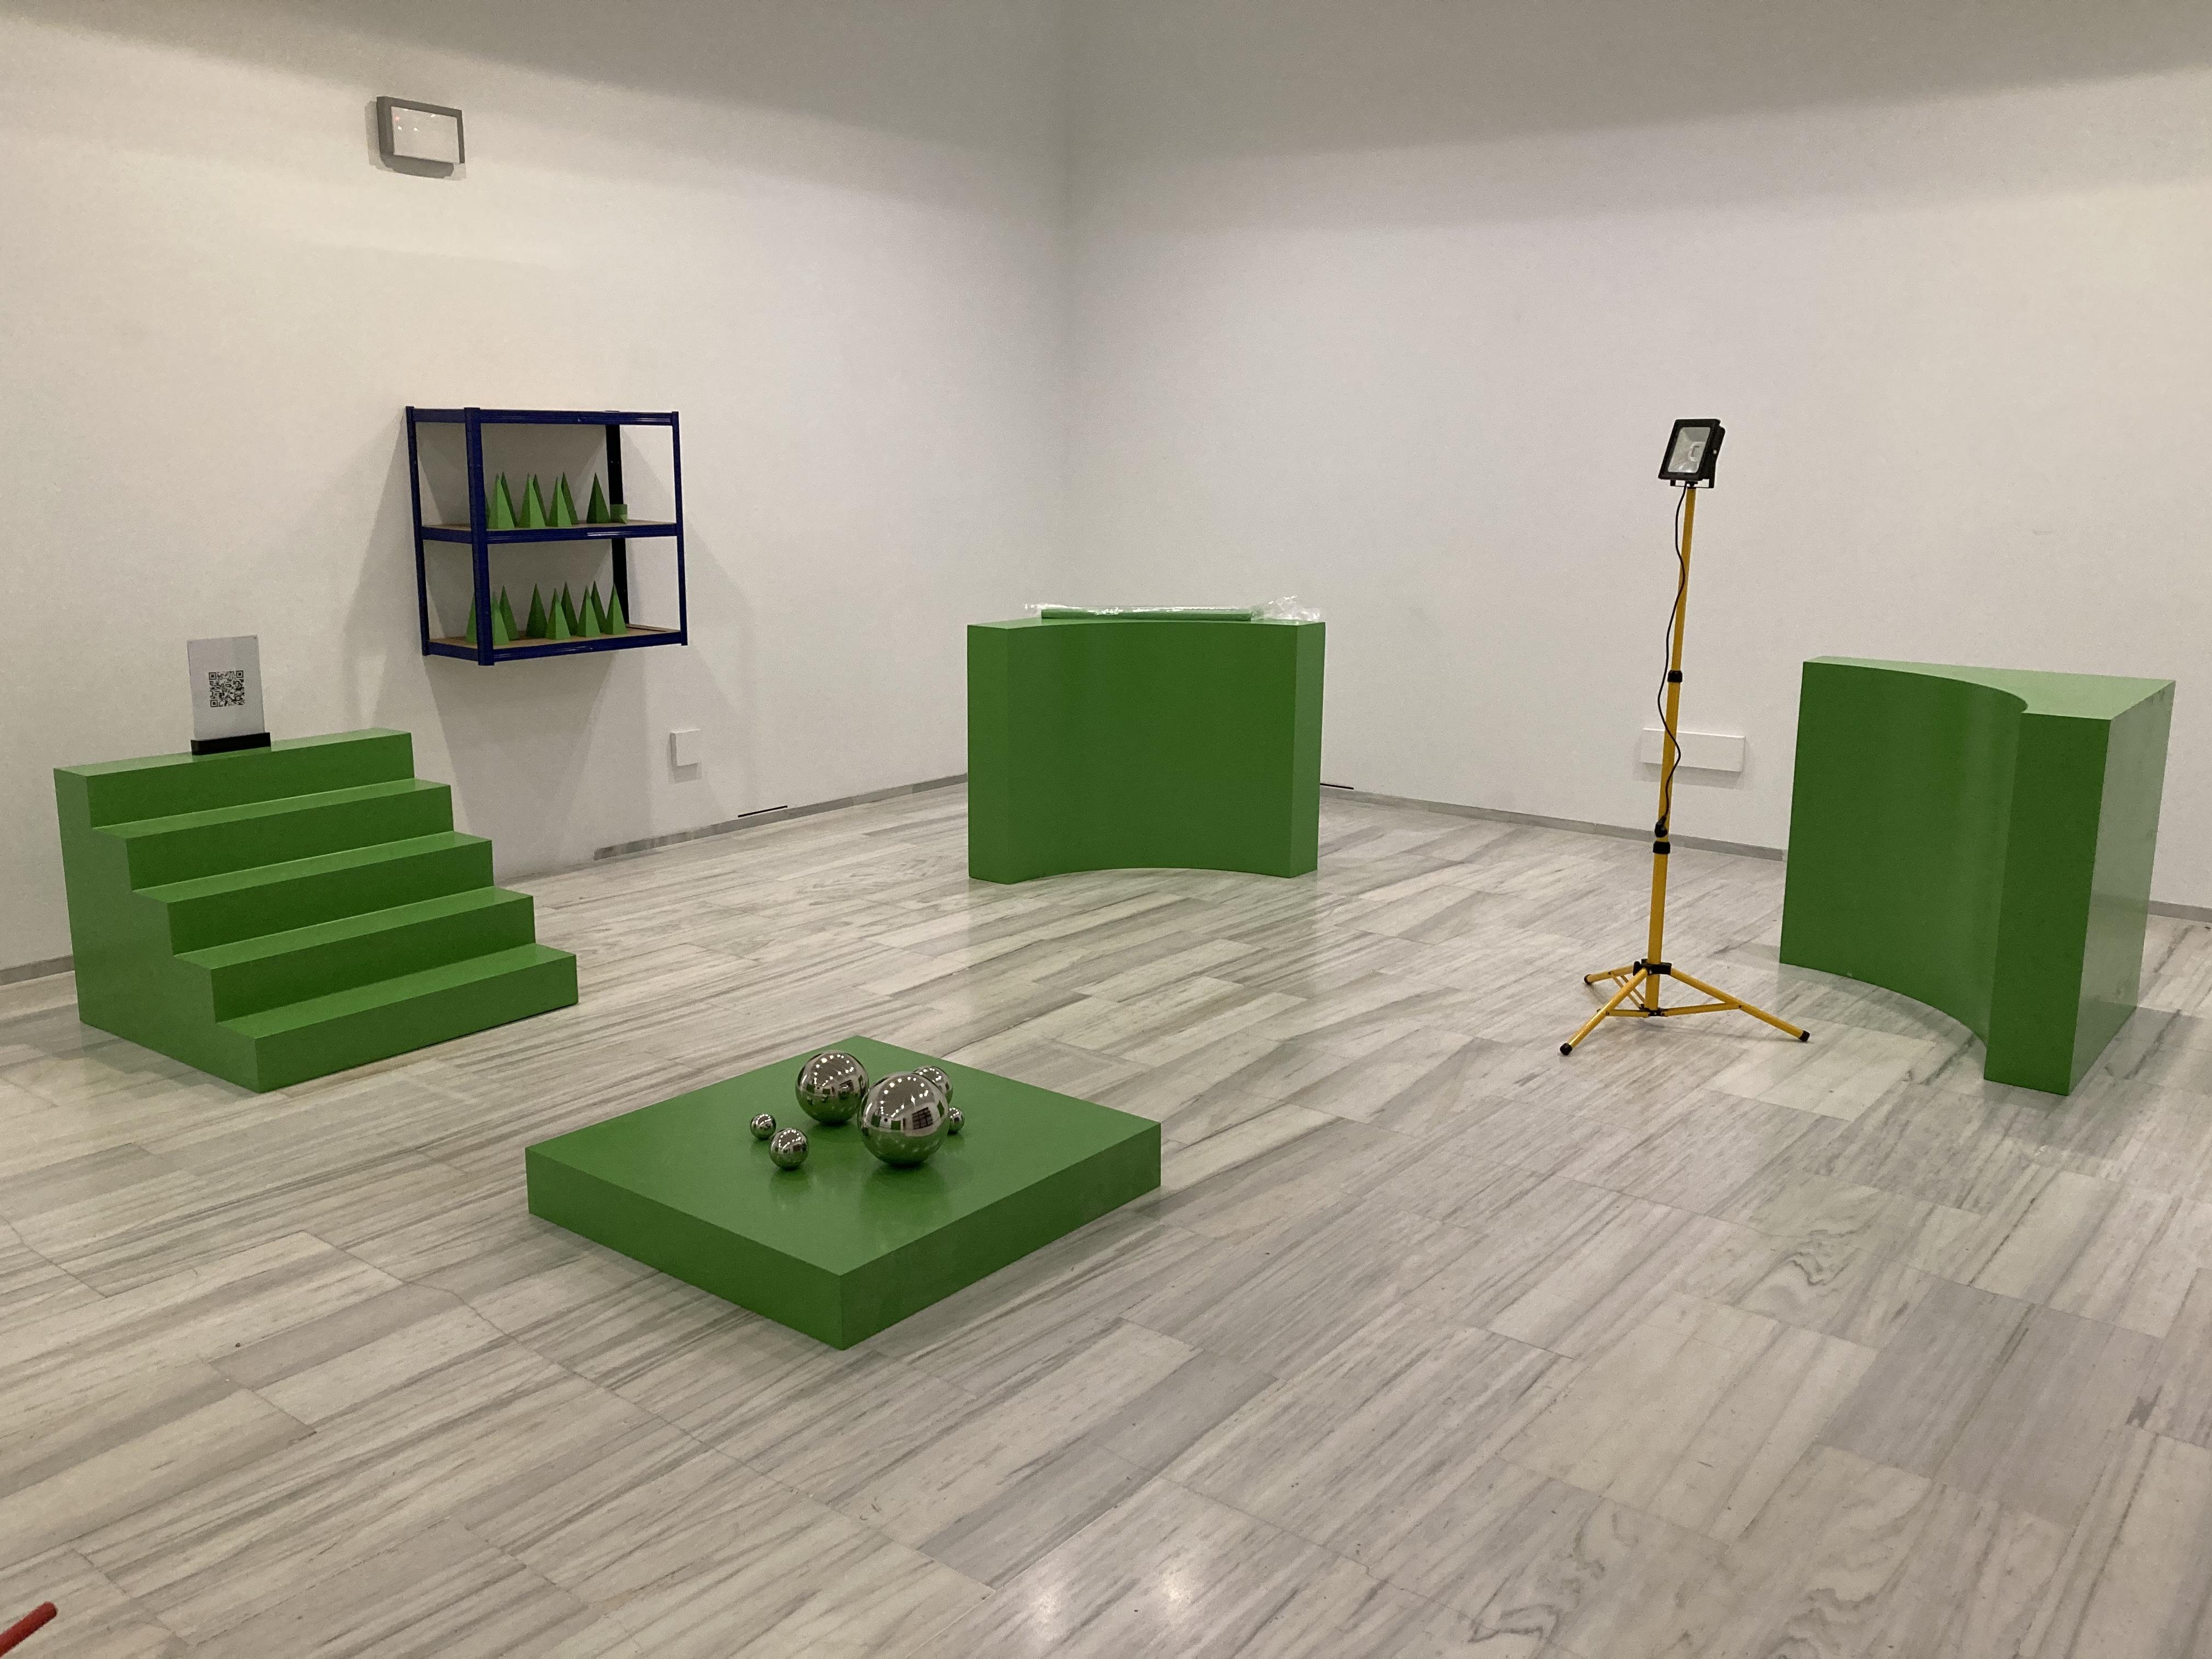 La Madraza abre el jueves 'Virtual PlaygroundTM', una muestra del artista especializado en medios digitales Fran Pérez Rus